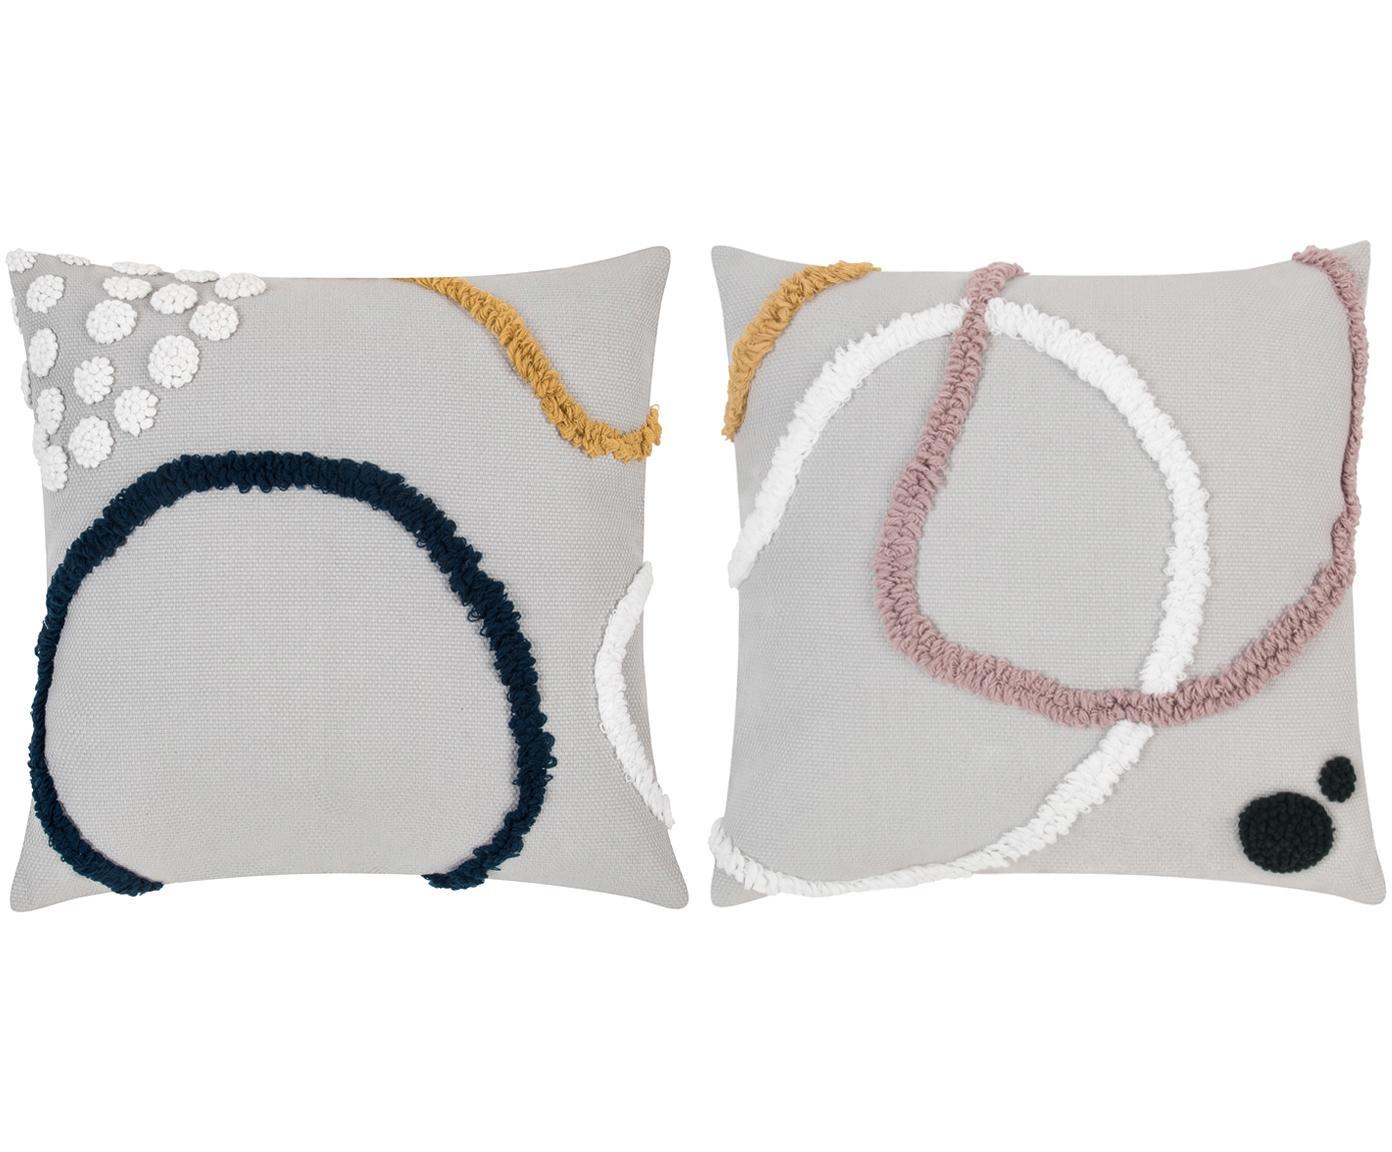 Set 2 federe arredo con motivo astratto Pablo, Cotone, Fronte: multicolore Retro: bianco, Larg. 45 x Lung. 45 cm